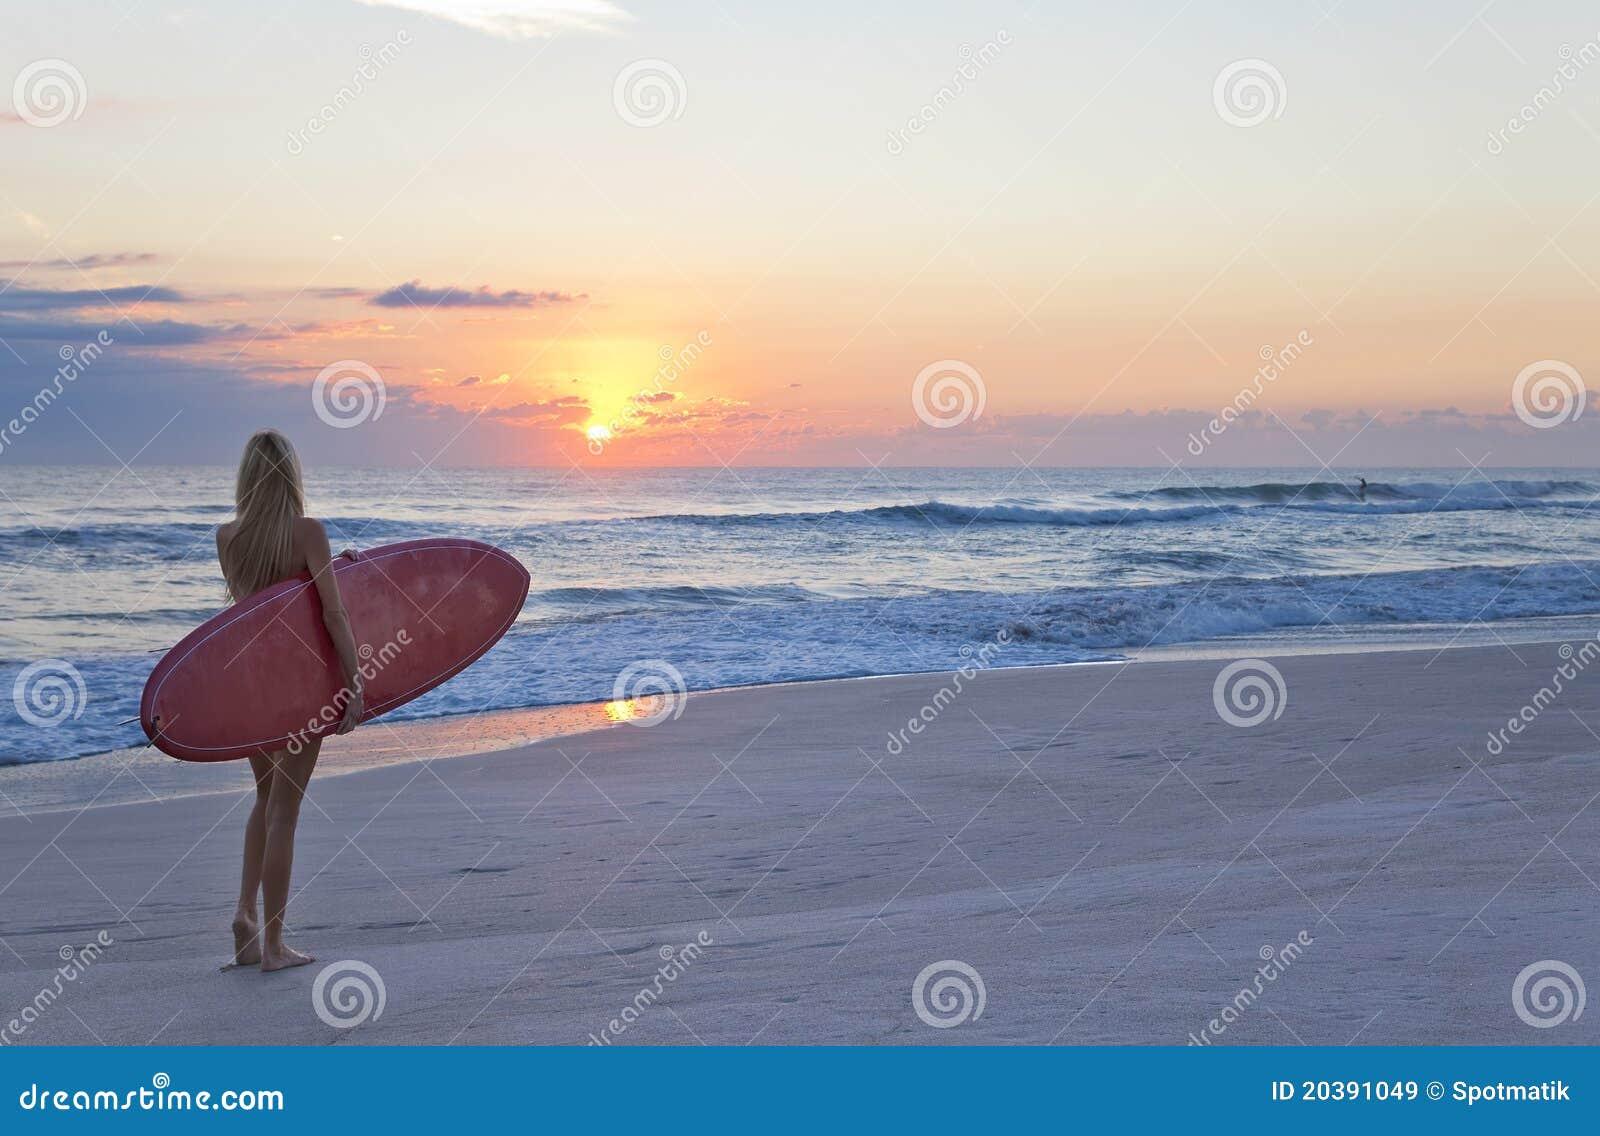 Surfista surf della donna alla spiaggia di alba di - Alla colorazione della spiaggia ...